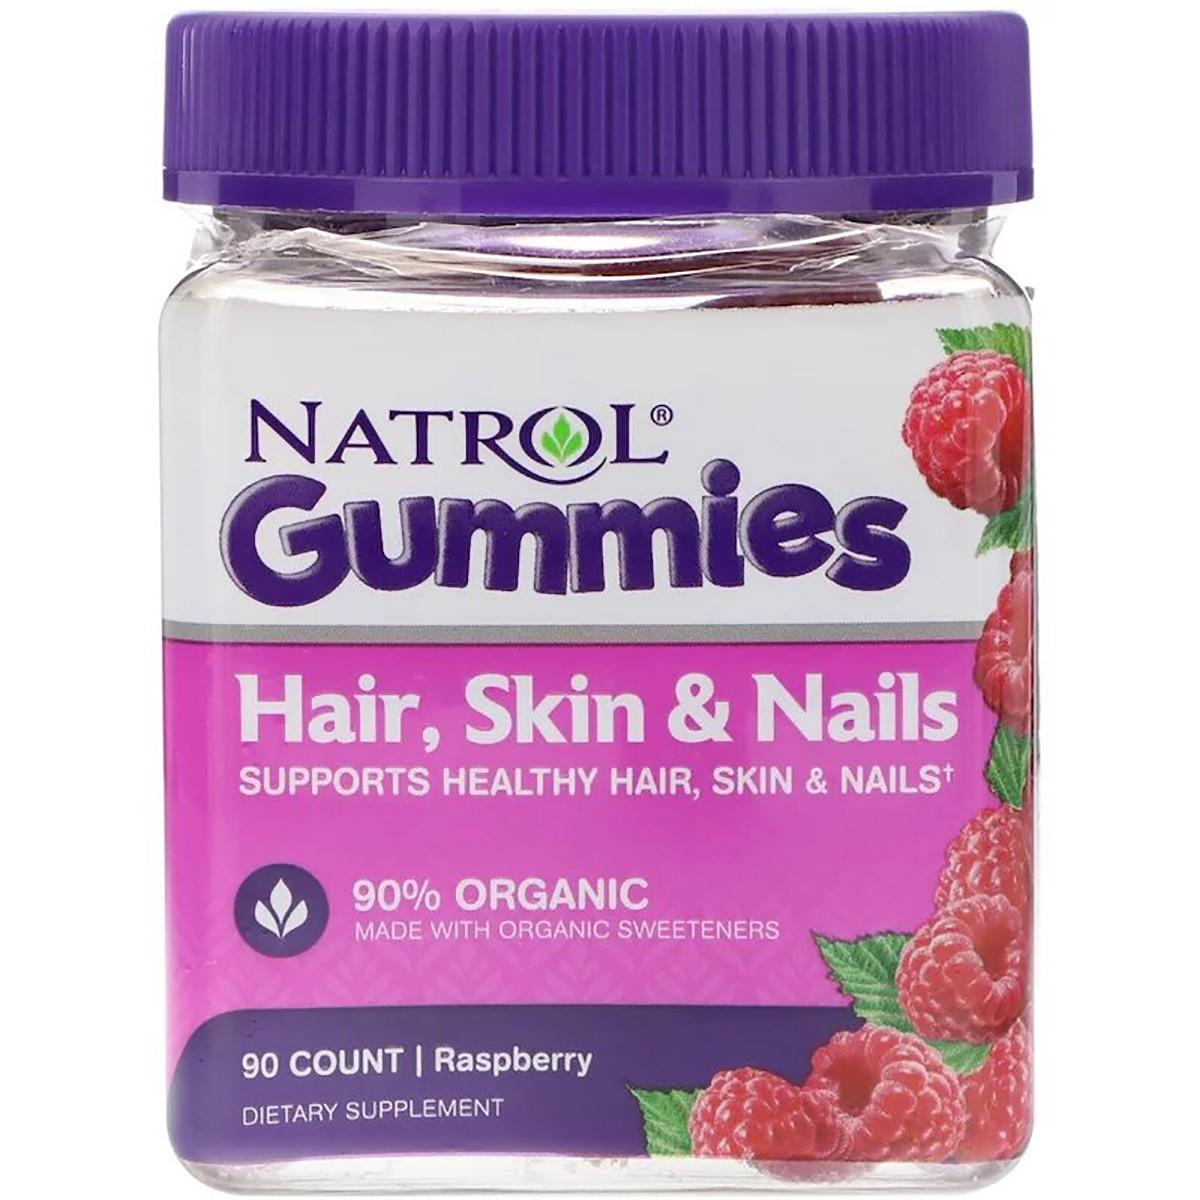 Комплекс для волос, кожи и ногтей, Вкус малины, Natrol, Hair, Skin & Nails, 90 жевательных таблеток